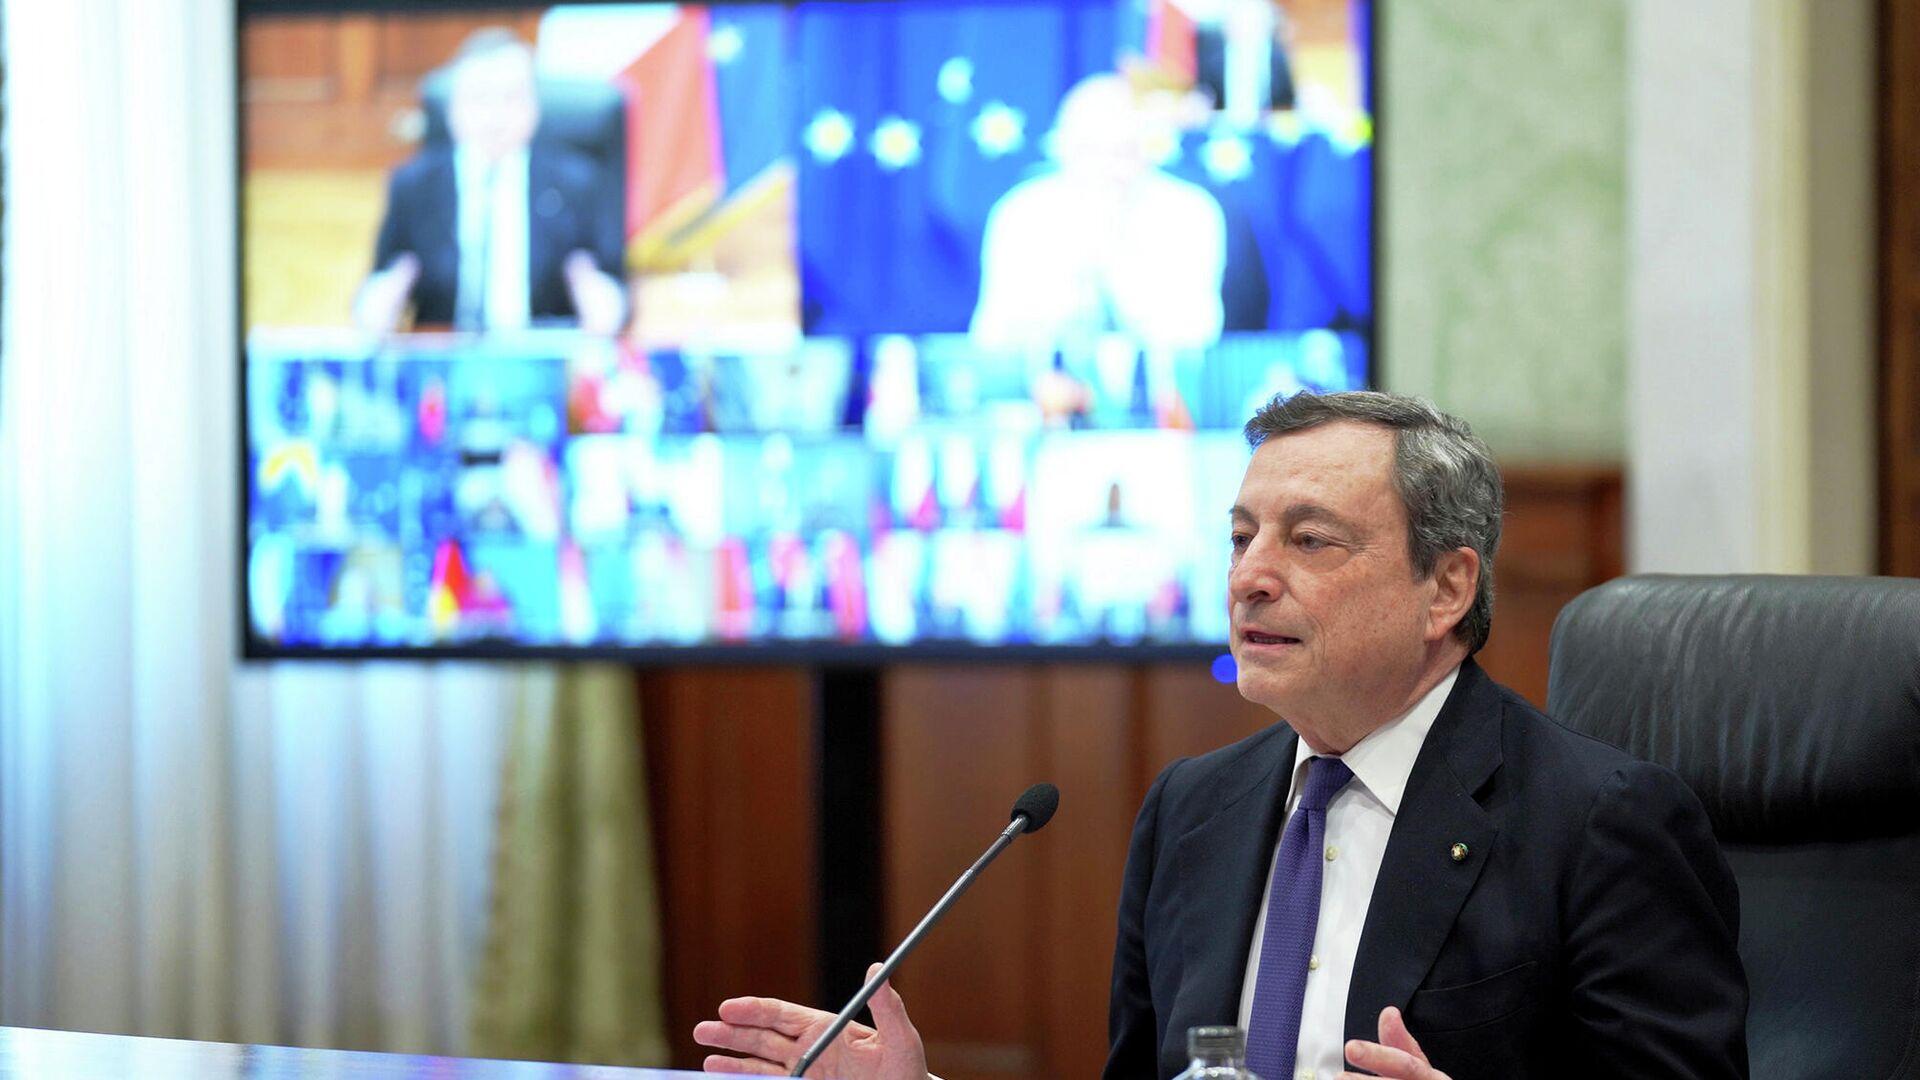 Il Presidente Draghi partecipa alla Videoconferenza dei membri del Consiglio europeo - Sputnik Italia, 1920, 24.08.2021